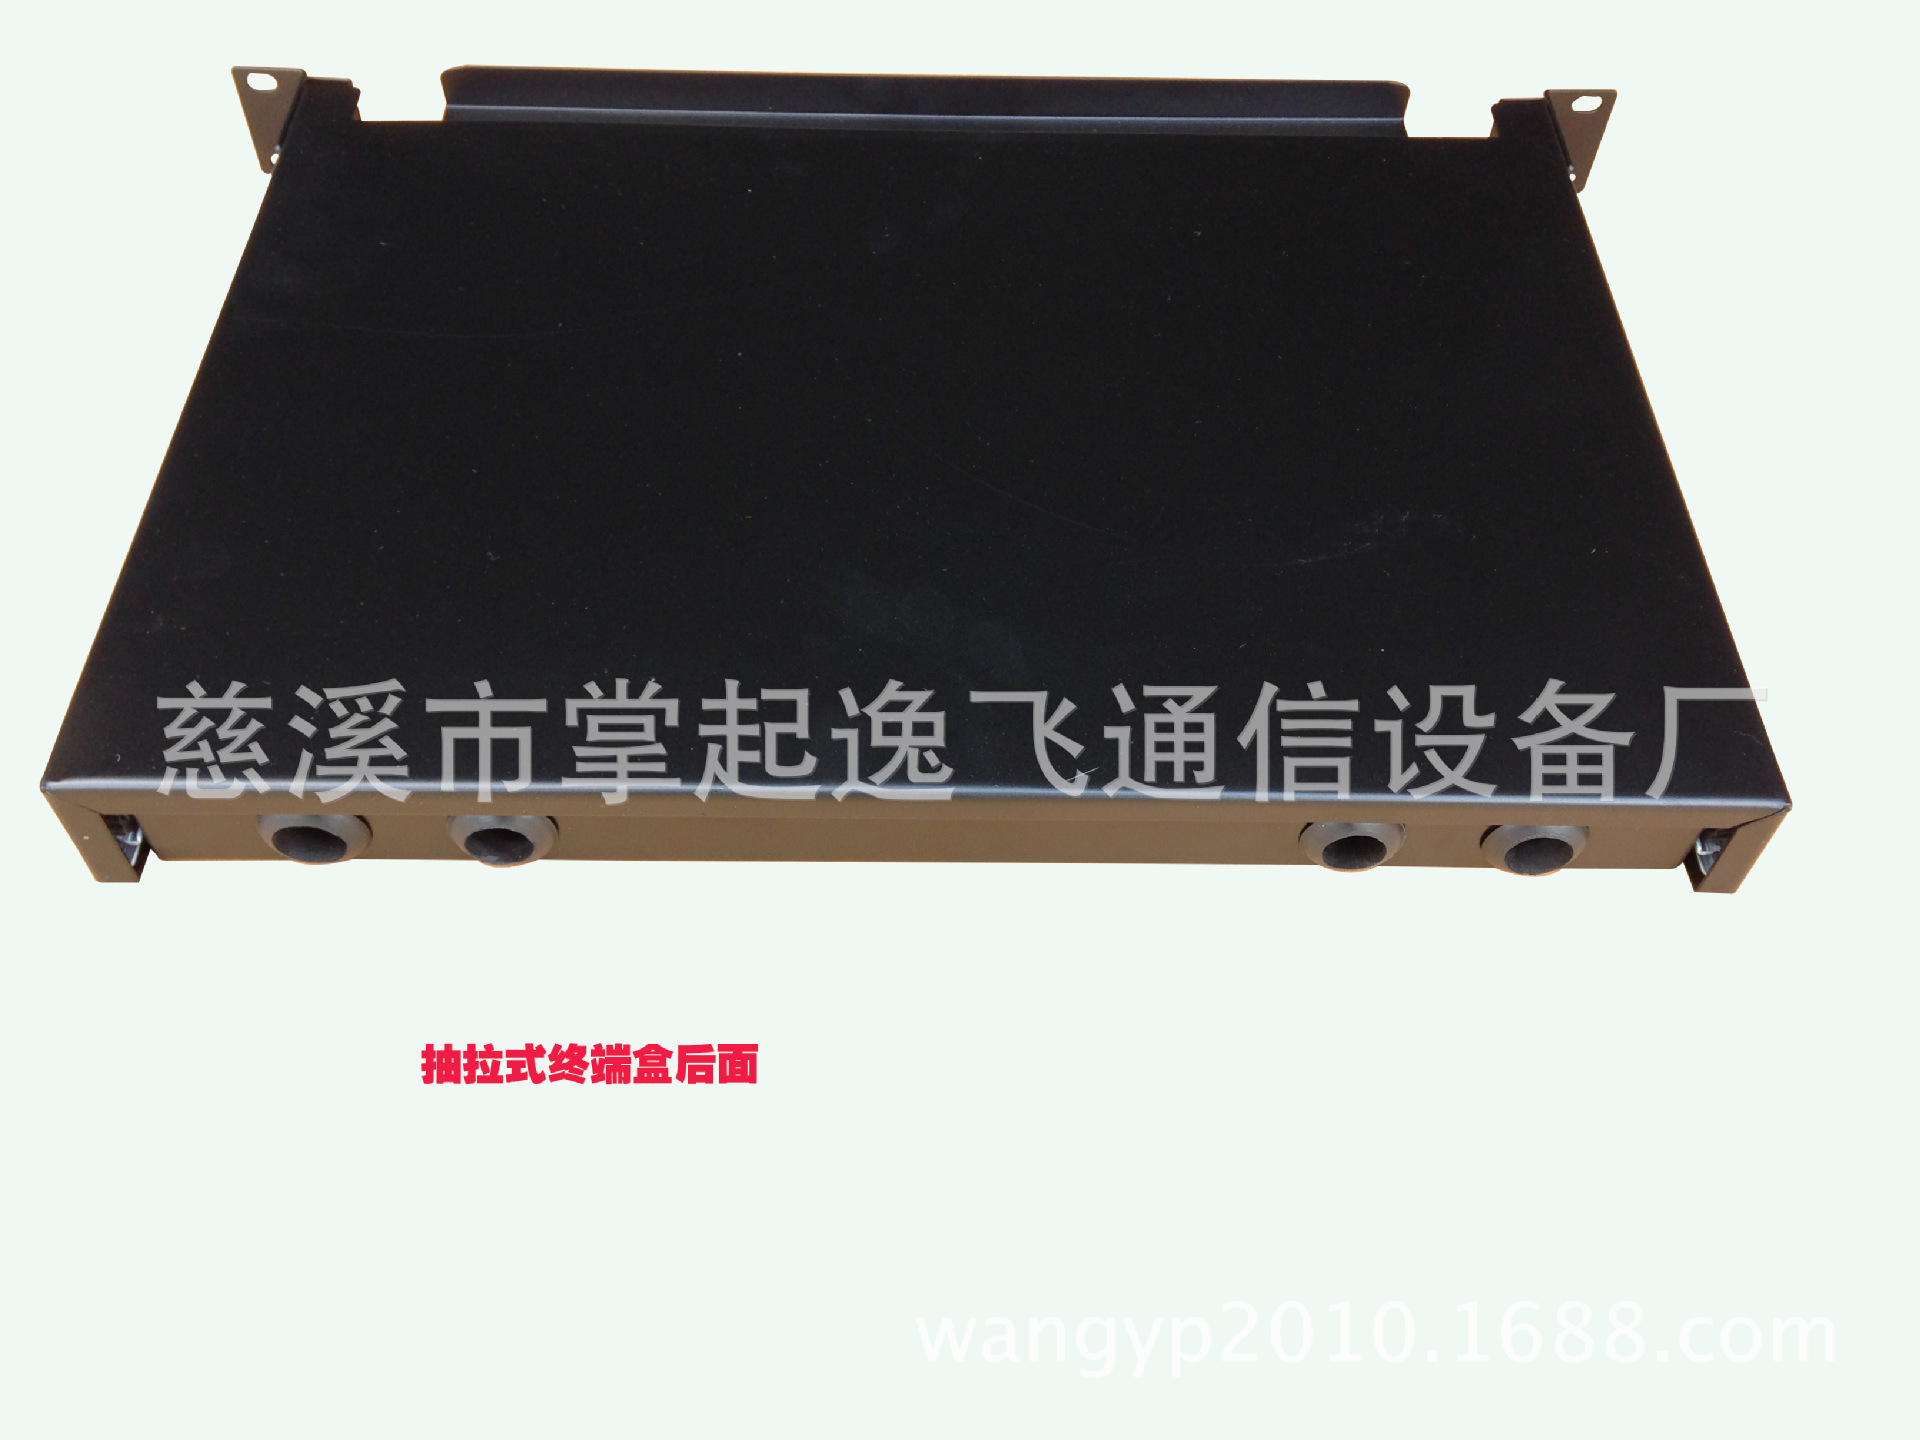 抽拉式终端盒后面